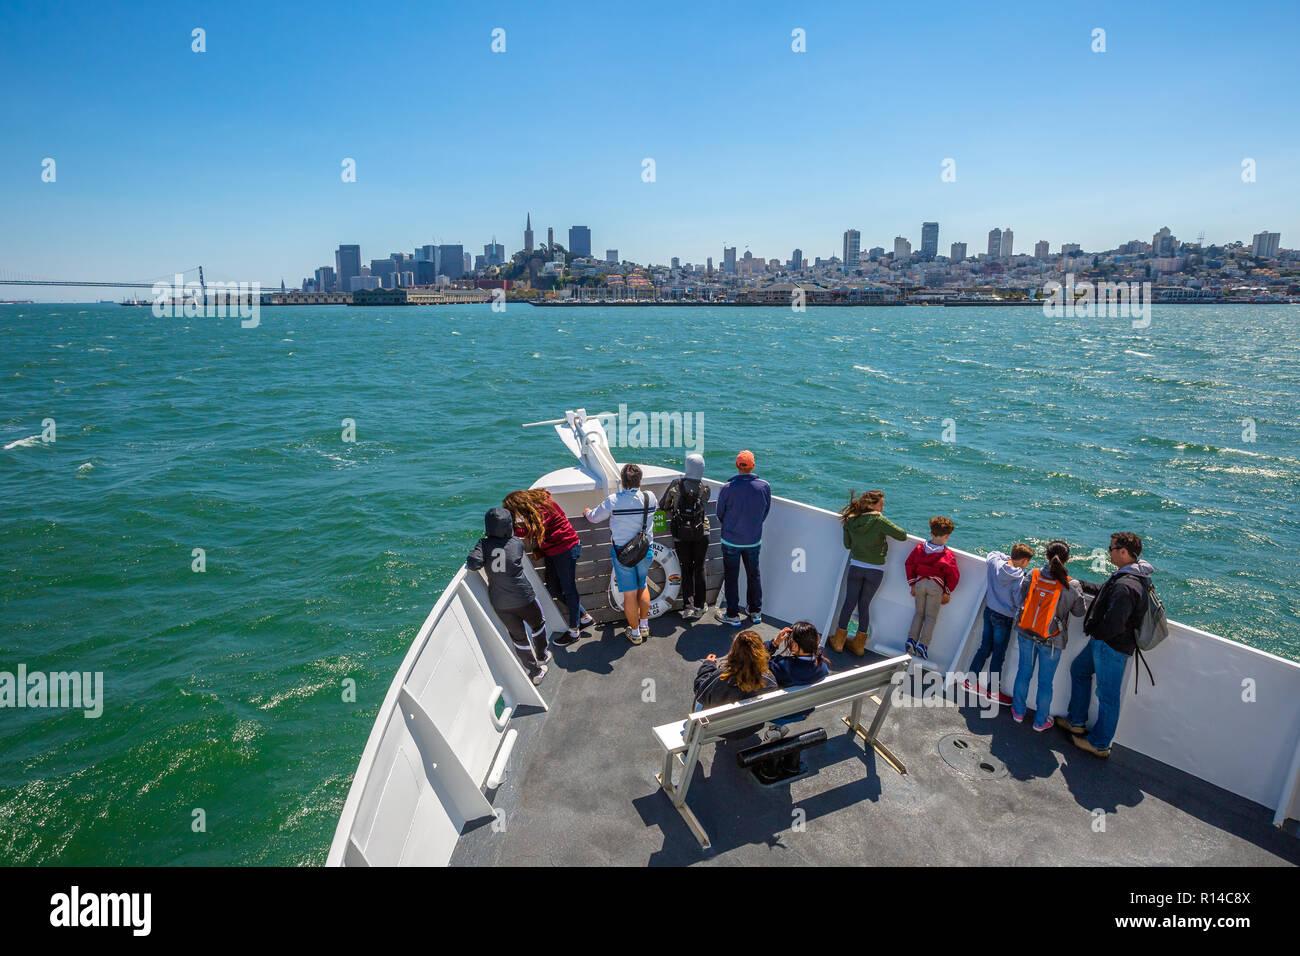 San Francisco, California, Stati Uniti - Agosto 14, 2016: Alcatraz Flayer crociera in barca prua con i turisti a Francisco cityscape. Isola di Alcatraz rimane quella di San Francisco è più popolare di crociere. Immagini Stock